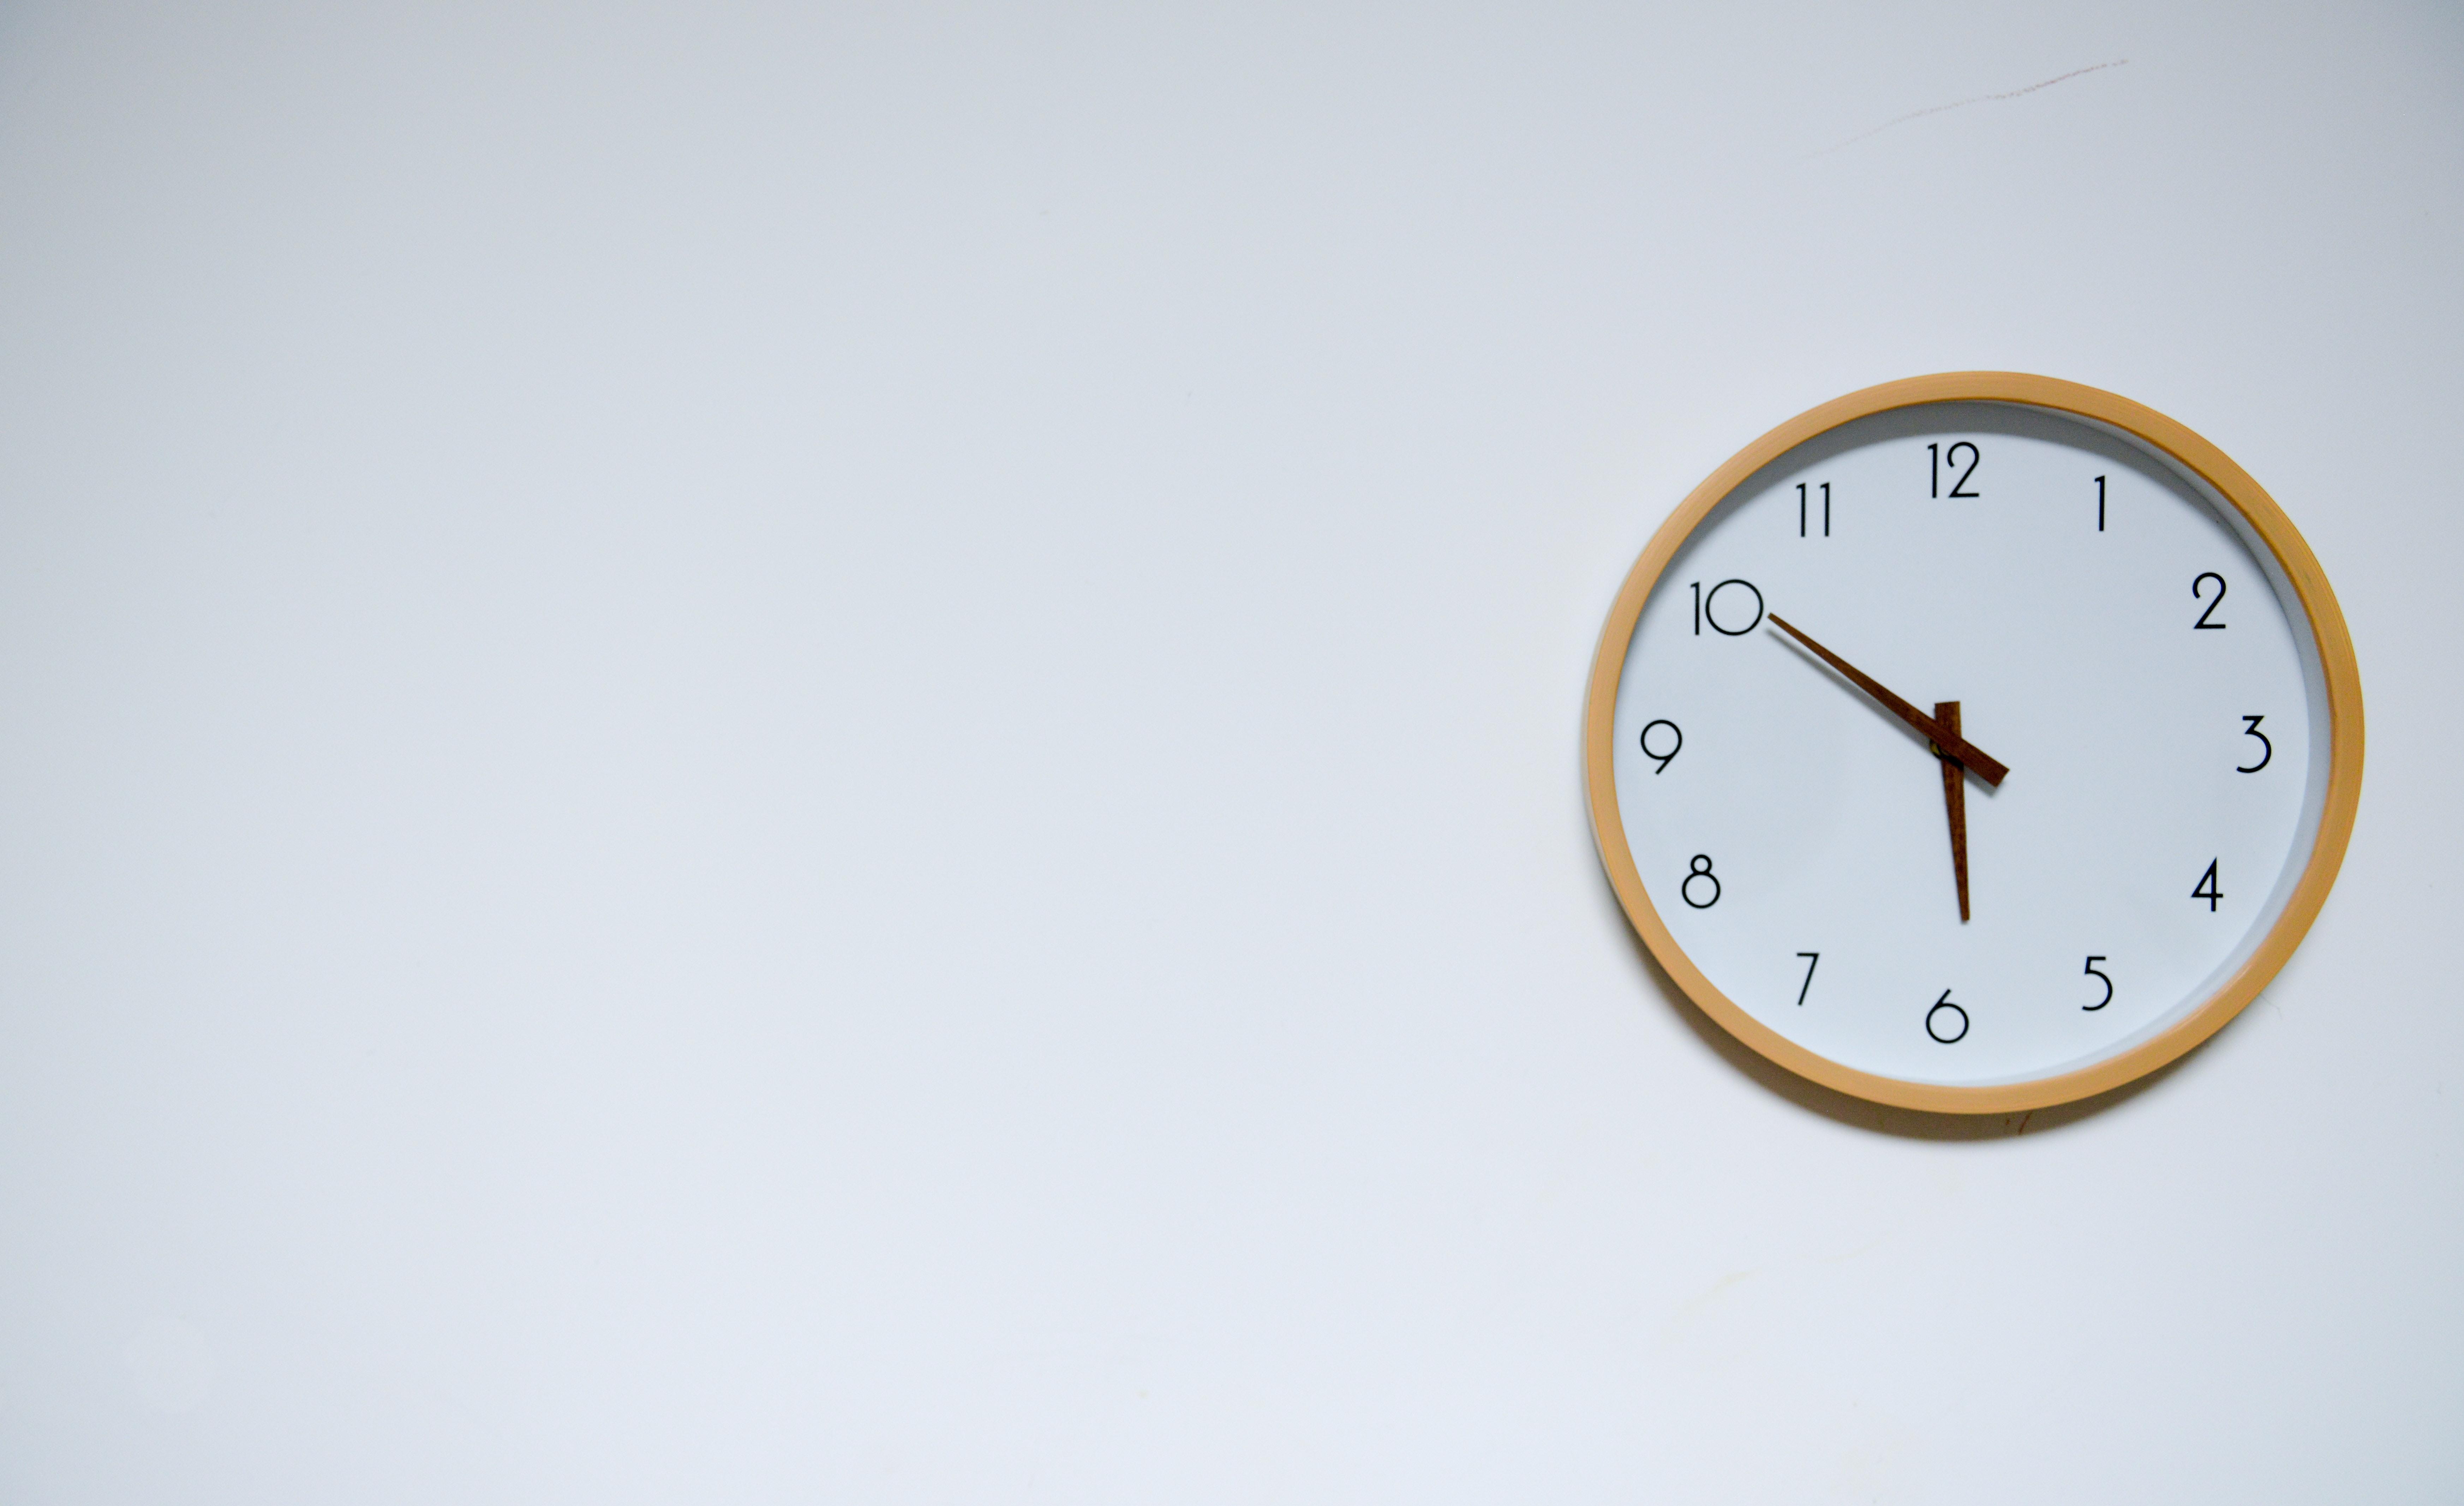 Effectief omgaan met tijd